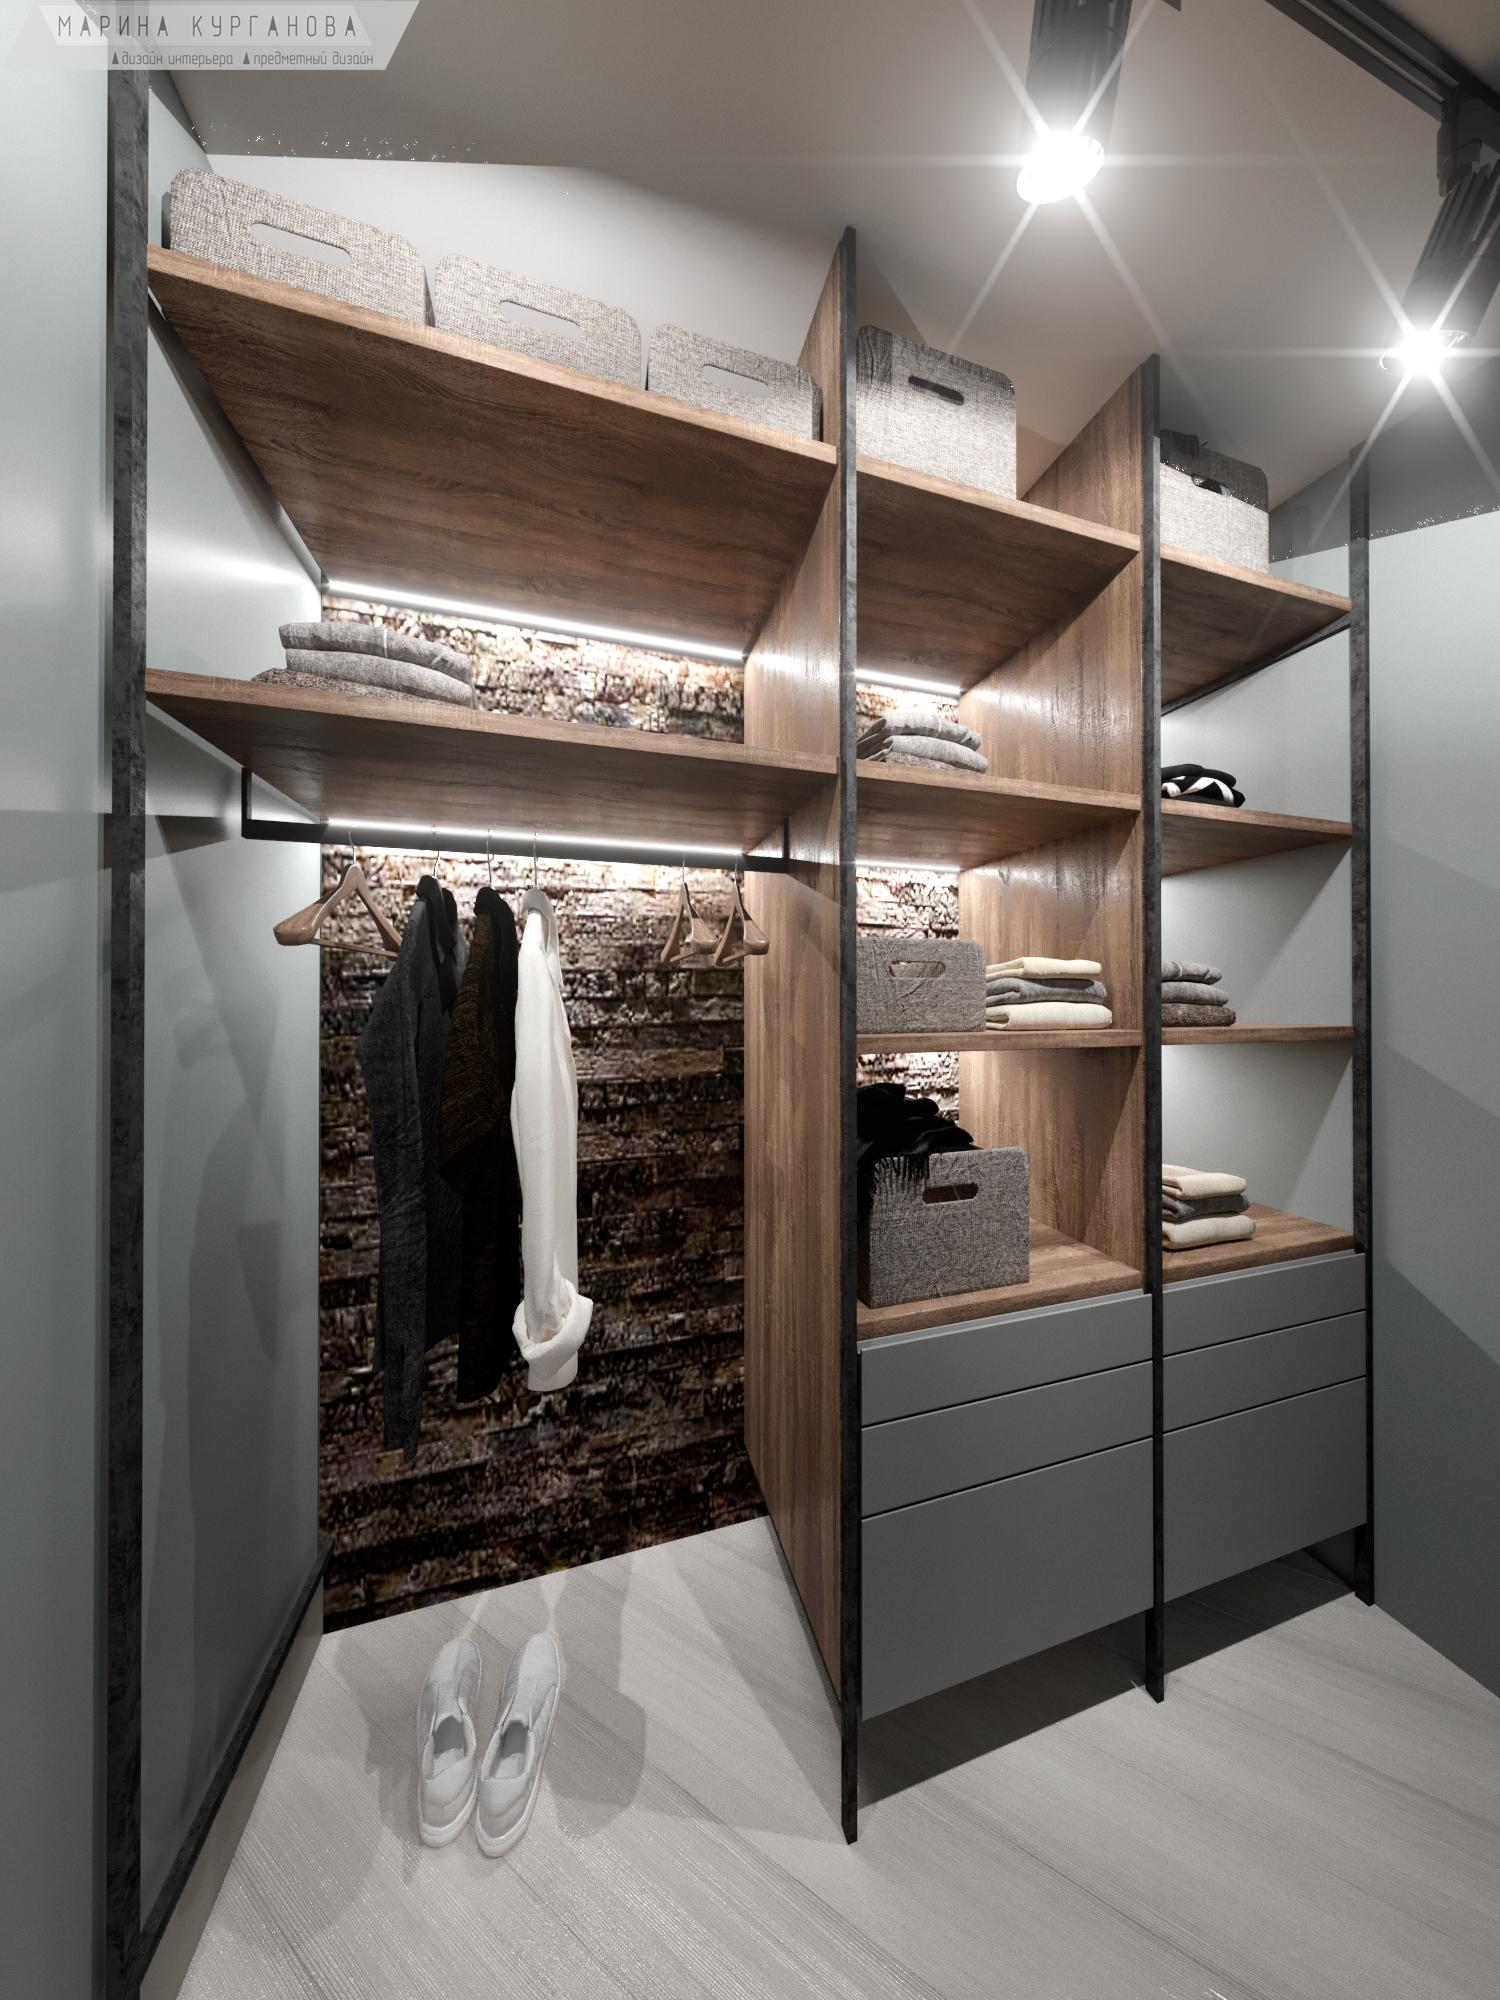 Шкаф-гардеробная в комнате для юноши